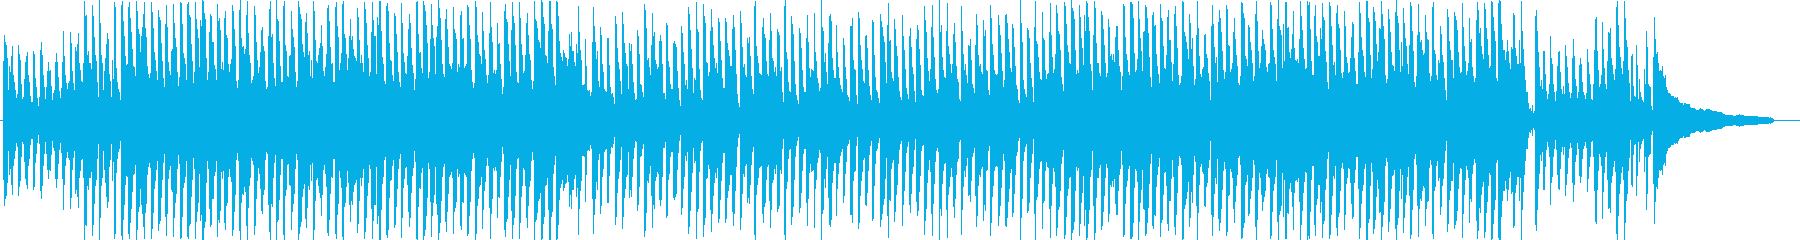 流行&人気のサウンド!明るくポジティブ!の再生済みの波形